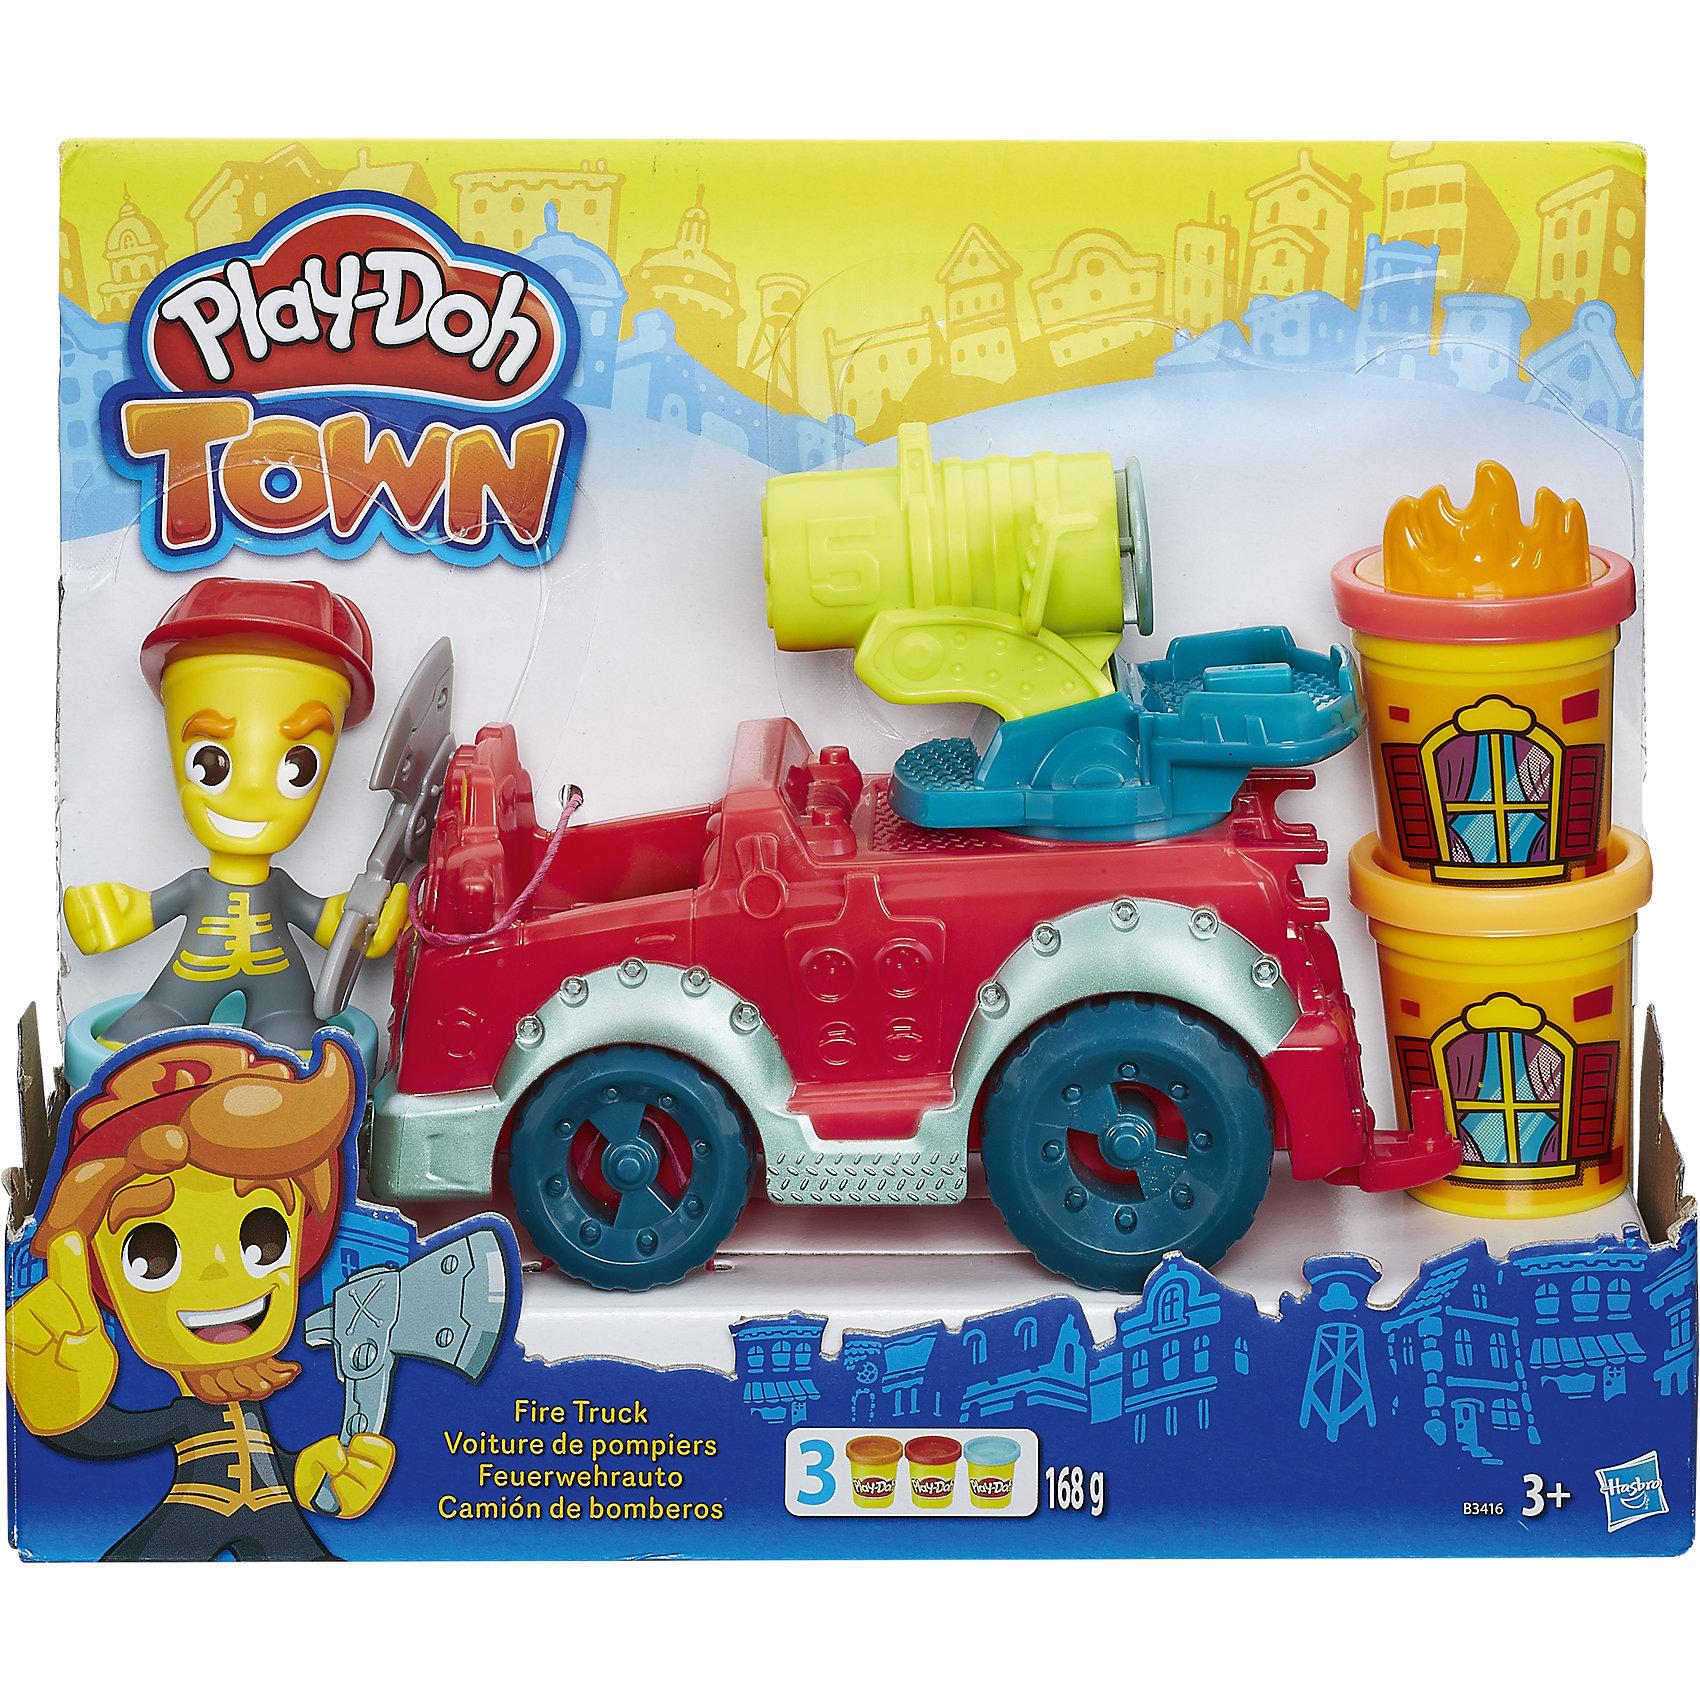 Hasbro Игровой набор Пожарная машина, Город, Play-Doh hasbro игровой набор магазинчик домашних питомцев play doh город